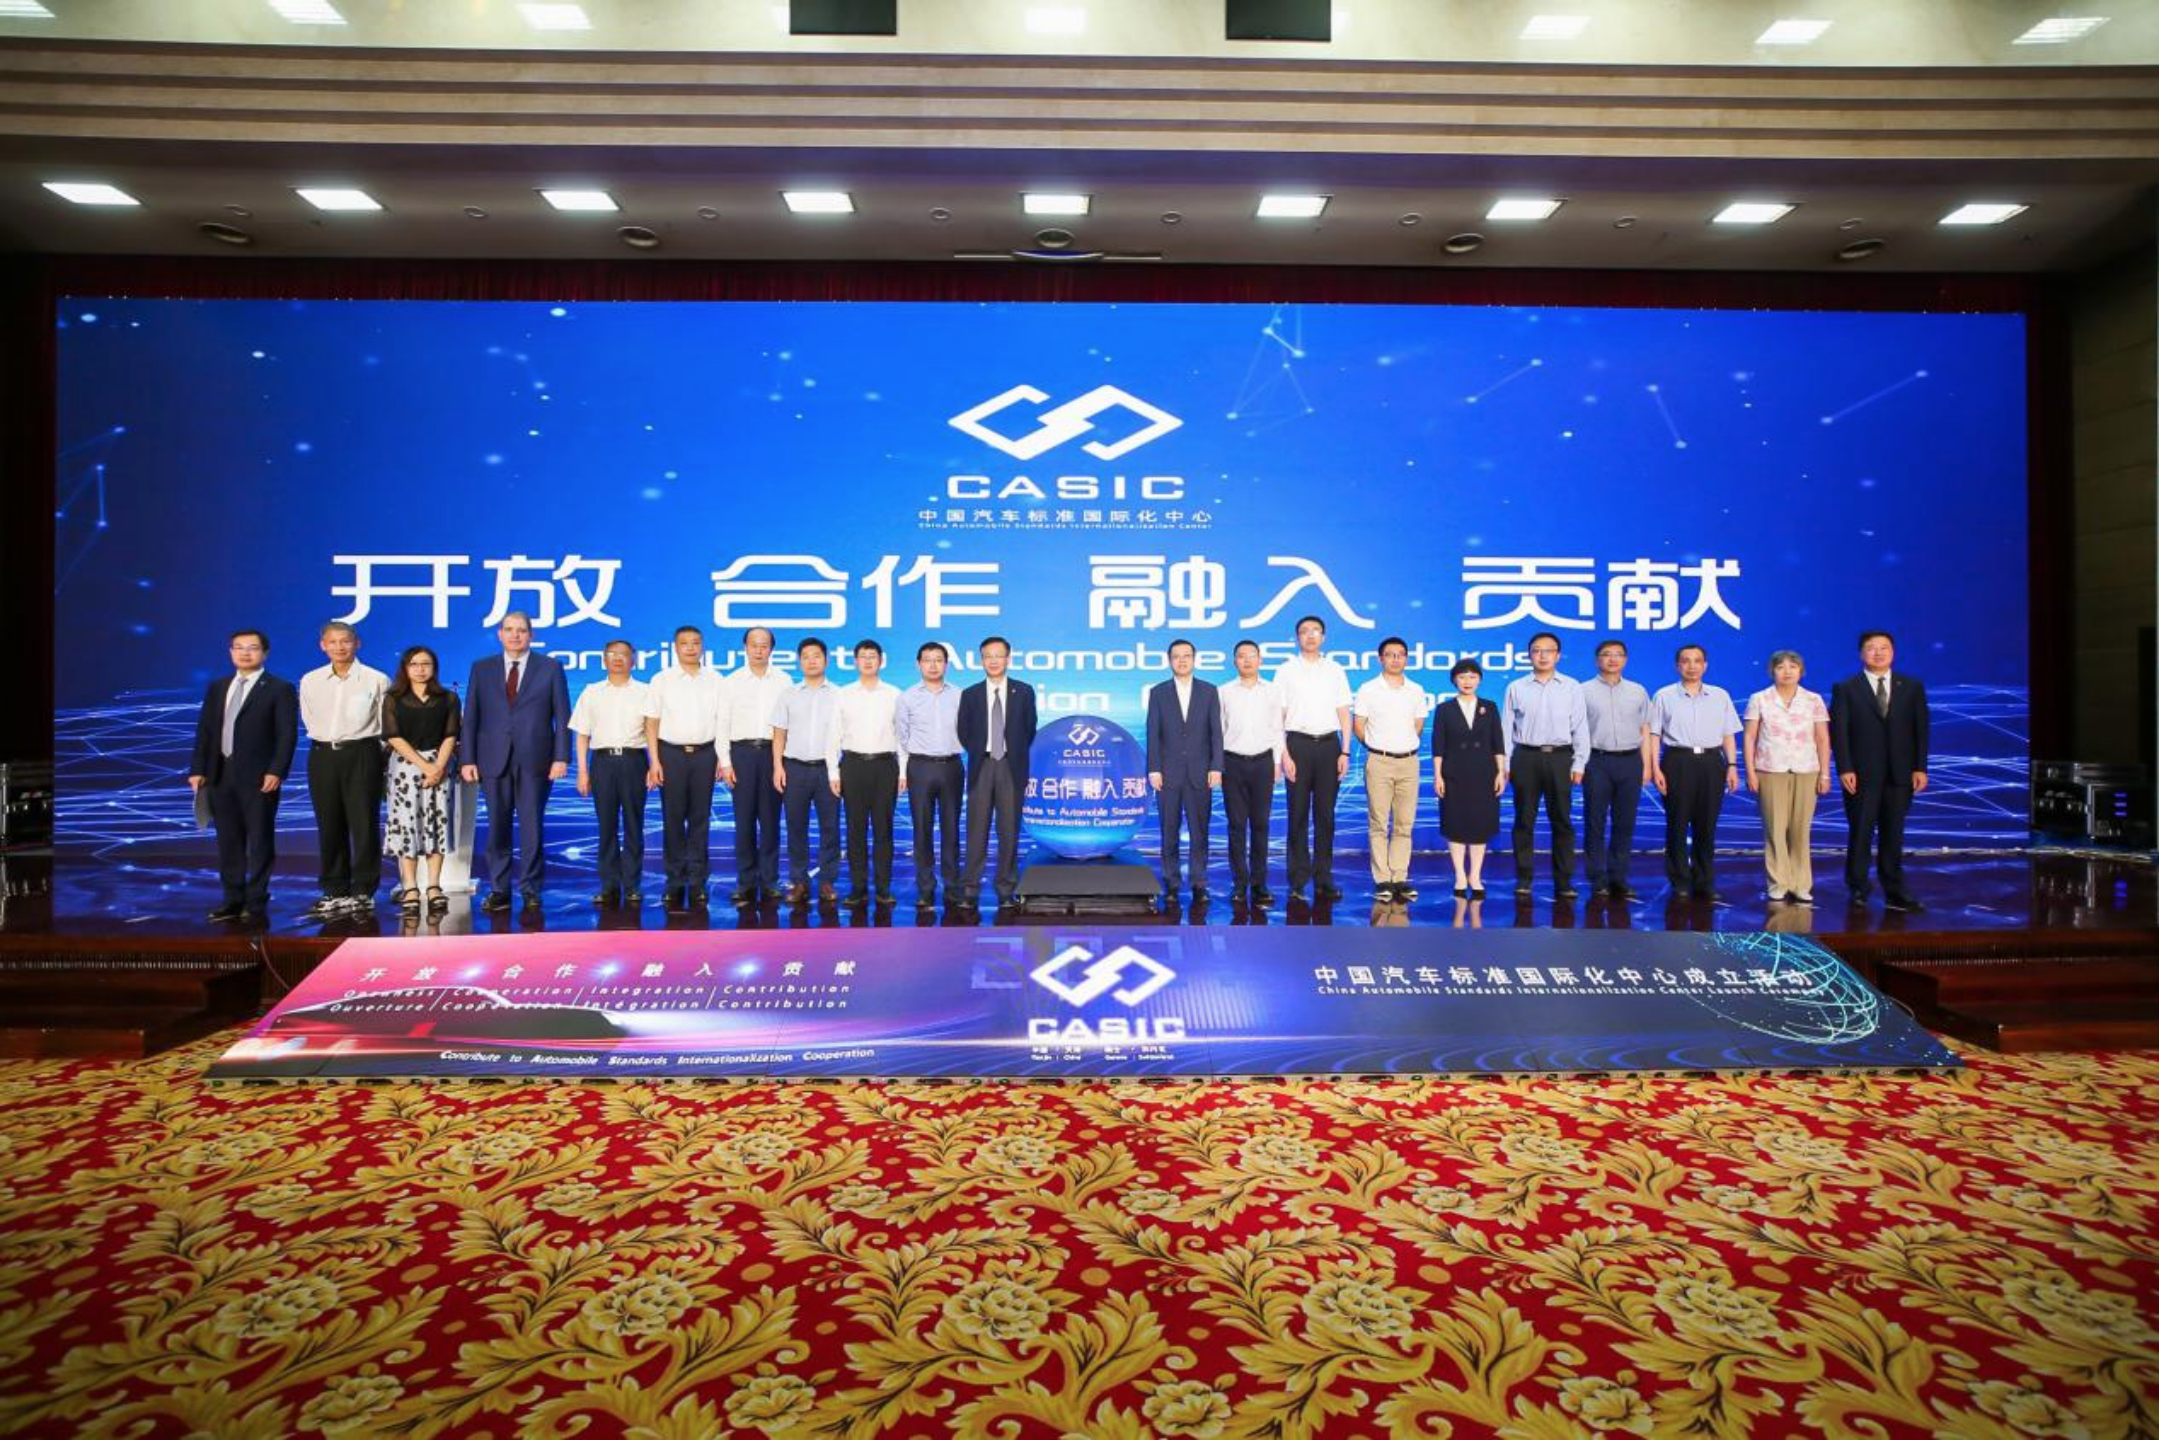 中国汽车标准国际化中心成立活动圆满举办-第7张图片-汽车笔记网